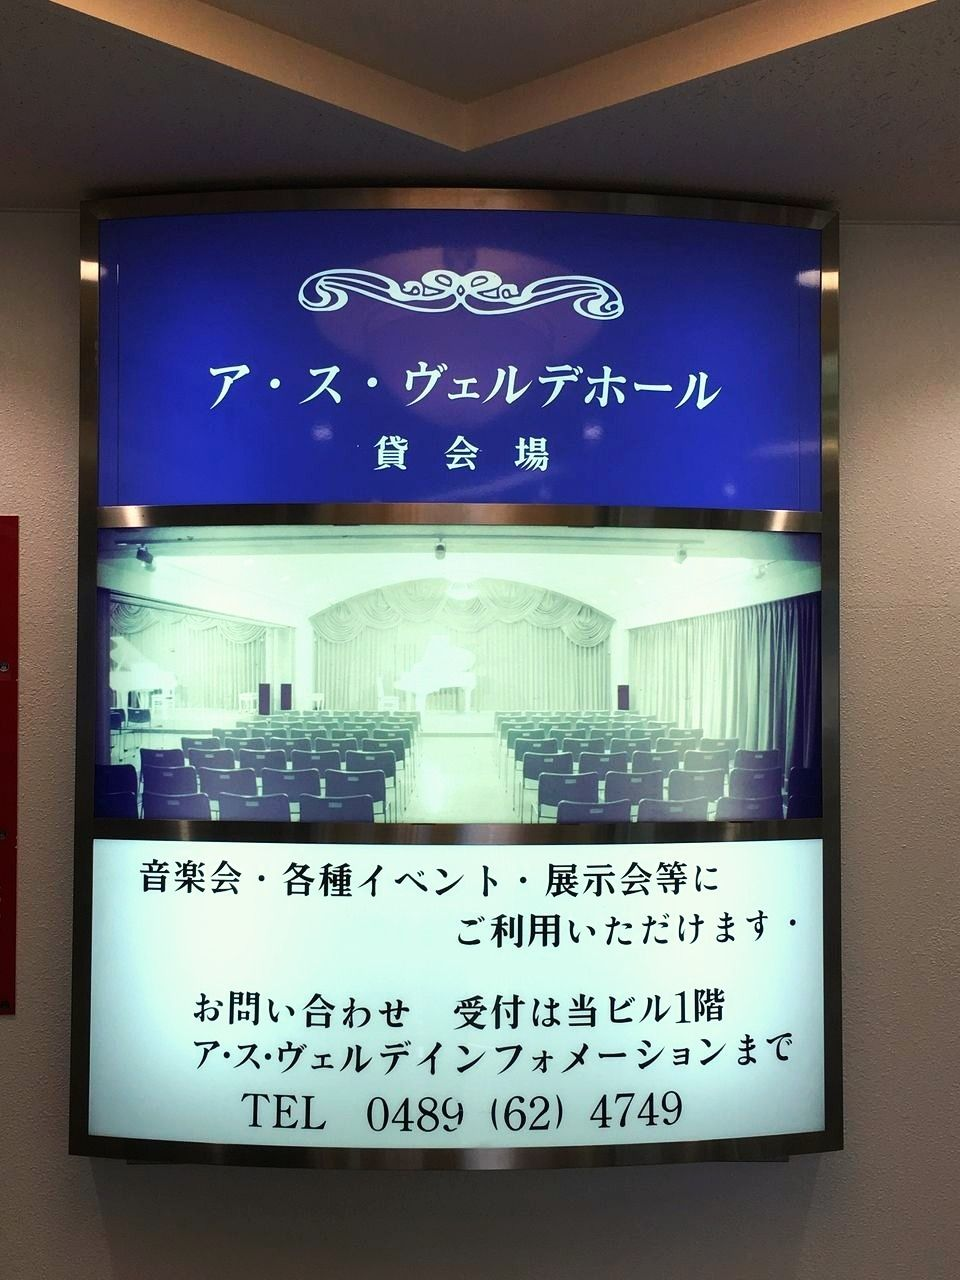 リニューアル前のア・ス・ヴェルデホール案内看板です!!